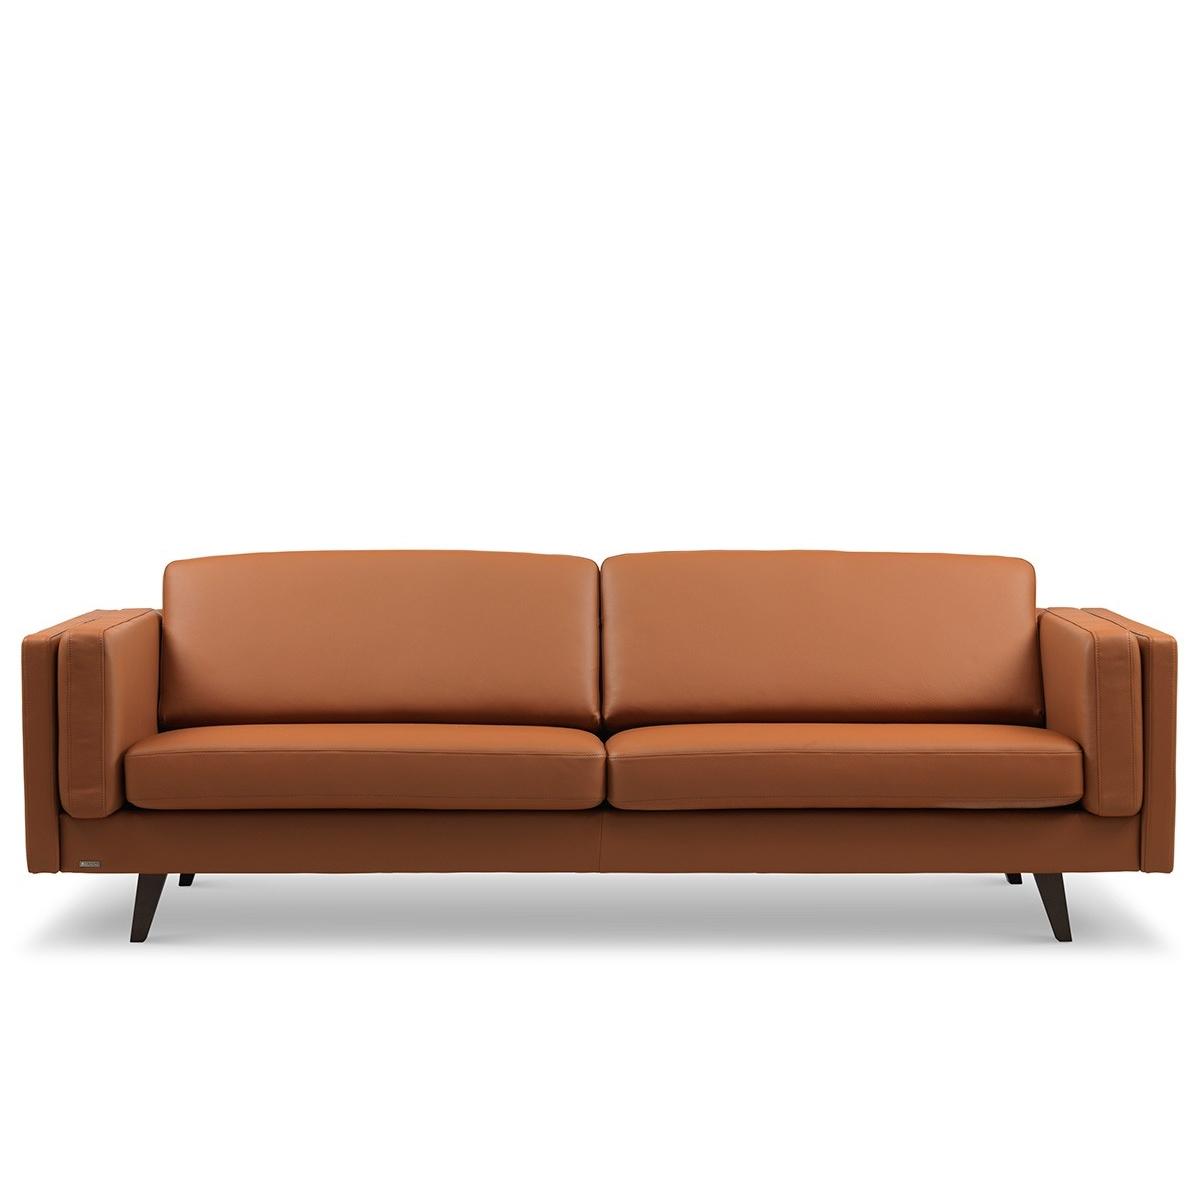 Brunstad Weston sofa 2,5 personers Cognac